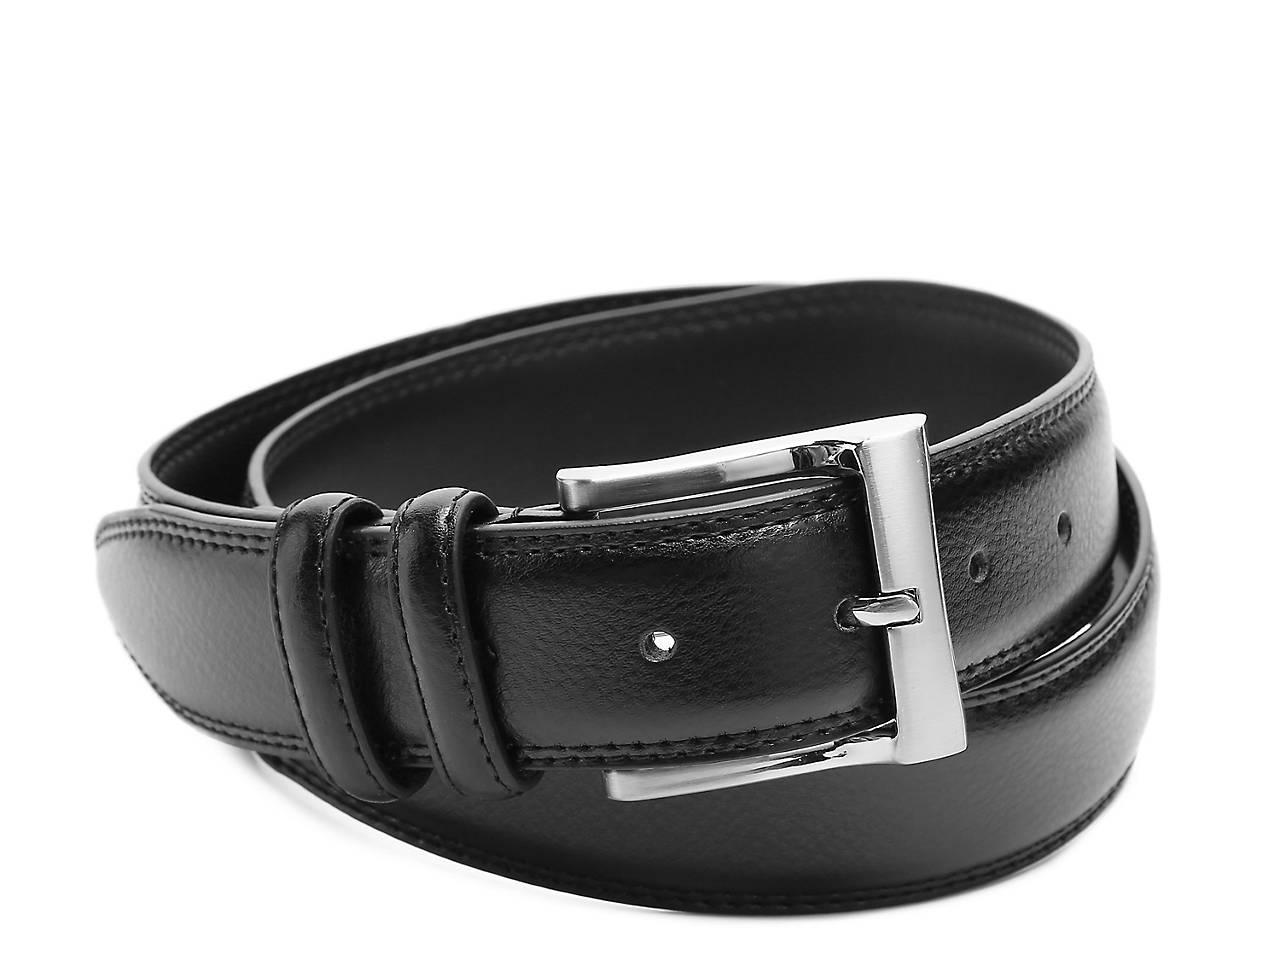 26613a5e6d6c Florsheim Pebble Men s Leather Belt Men s Handbags   Accessories